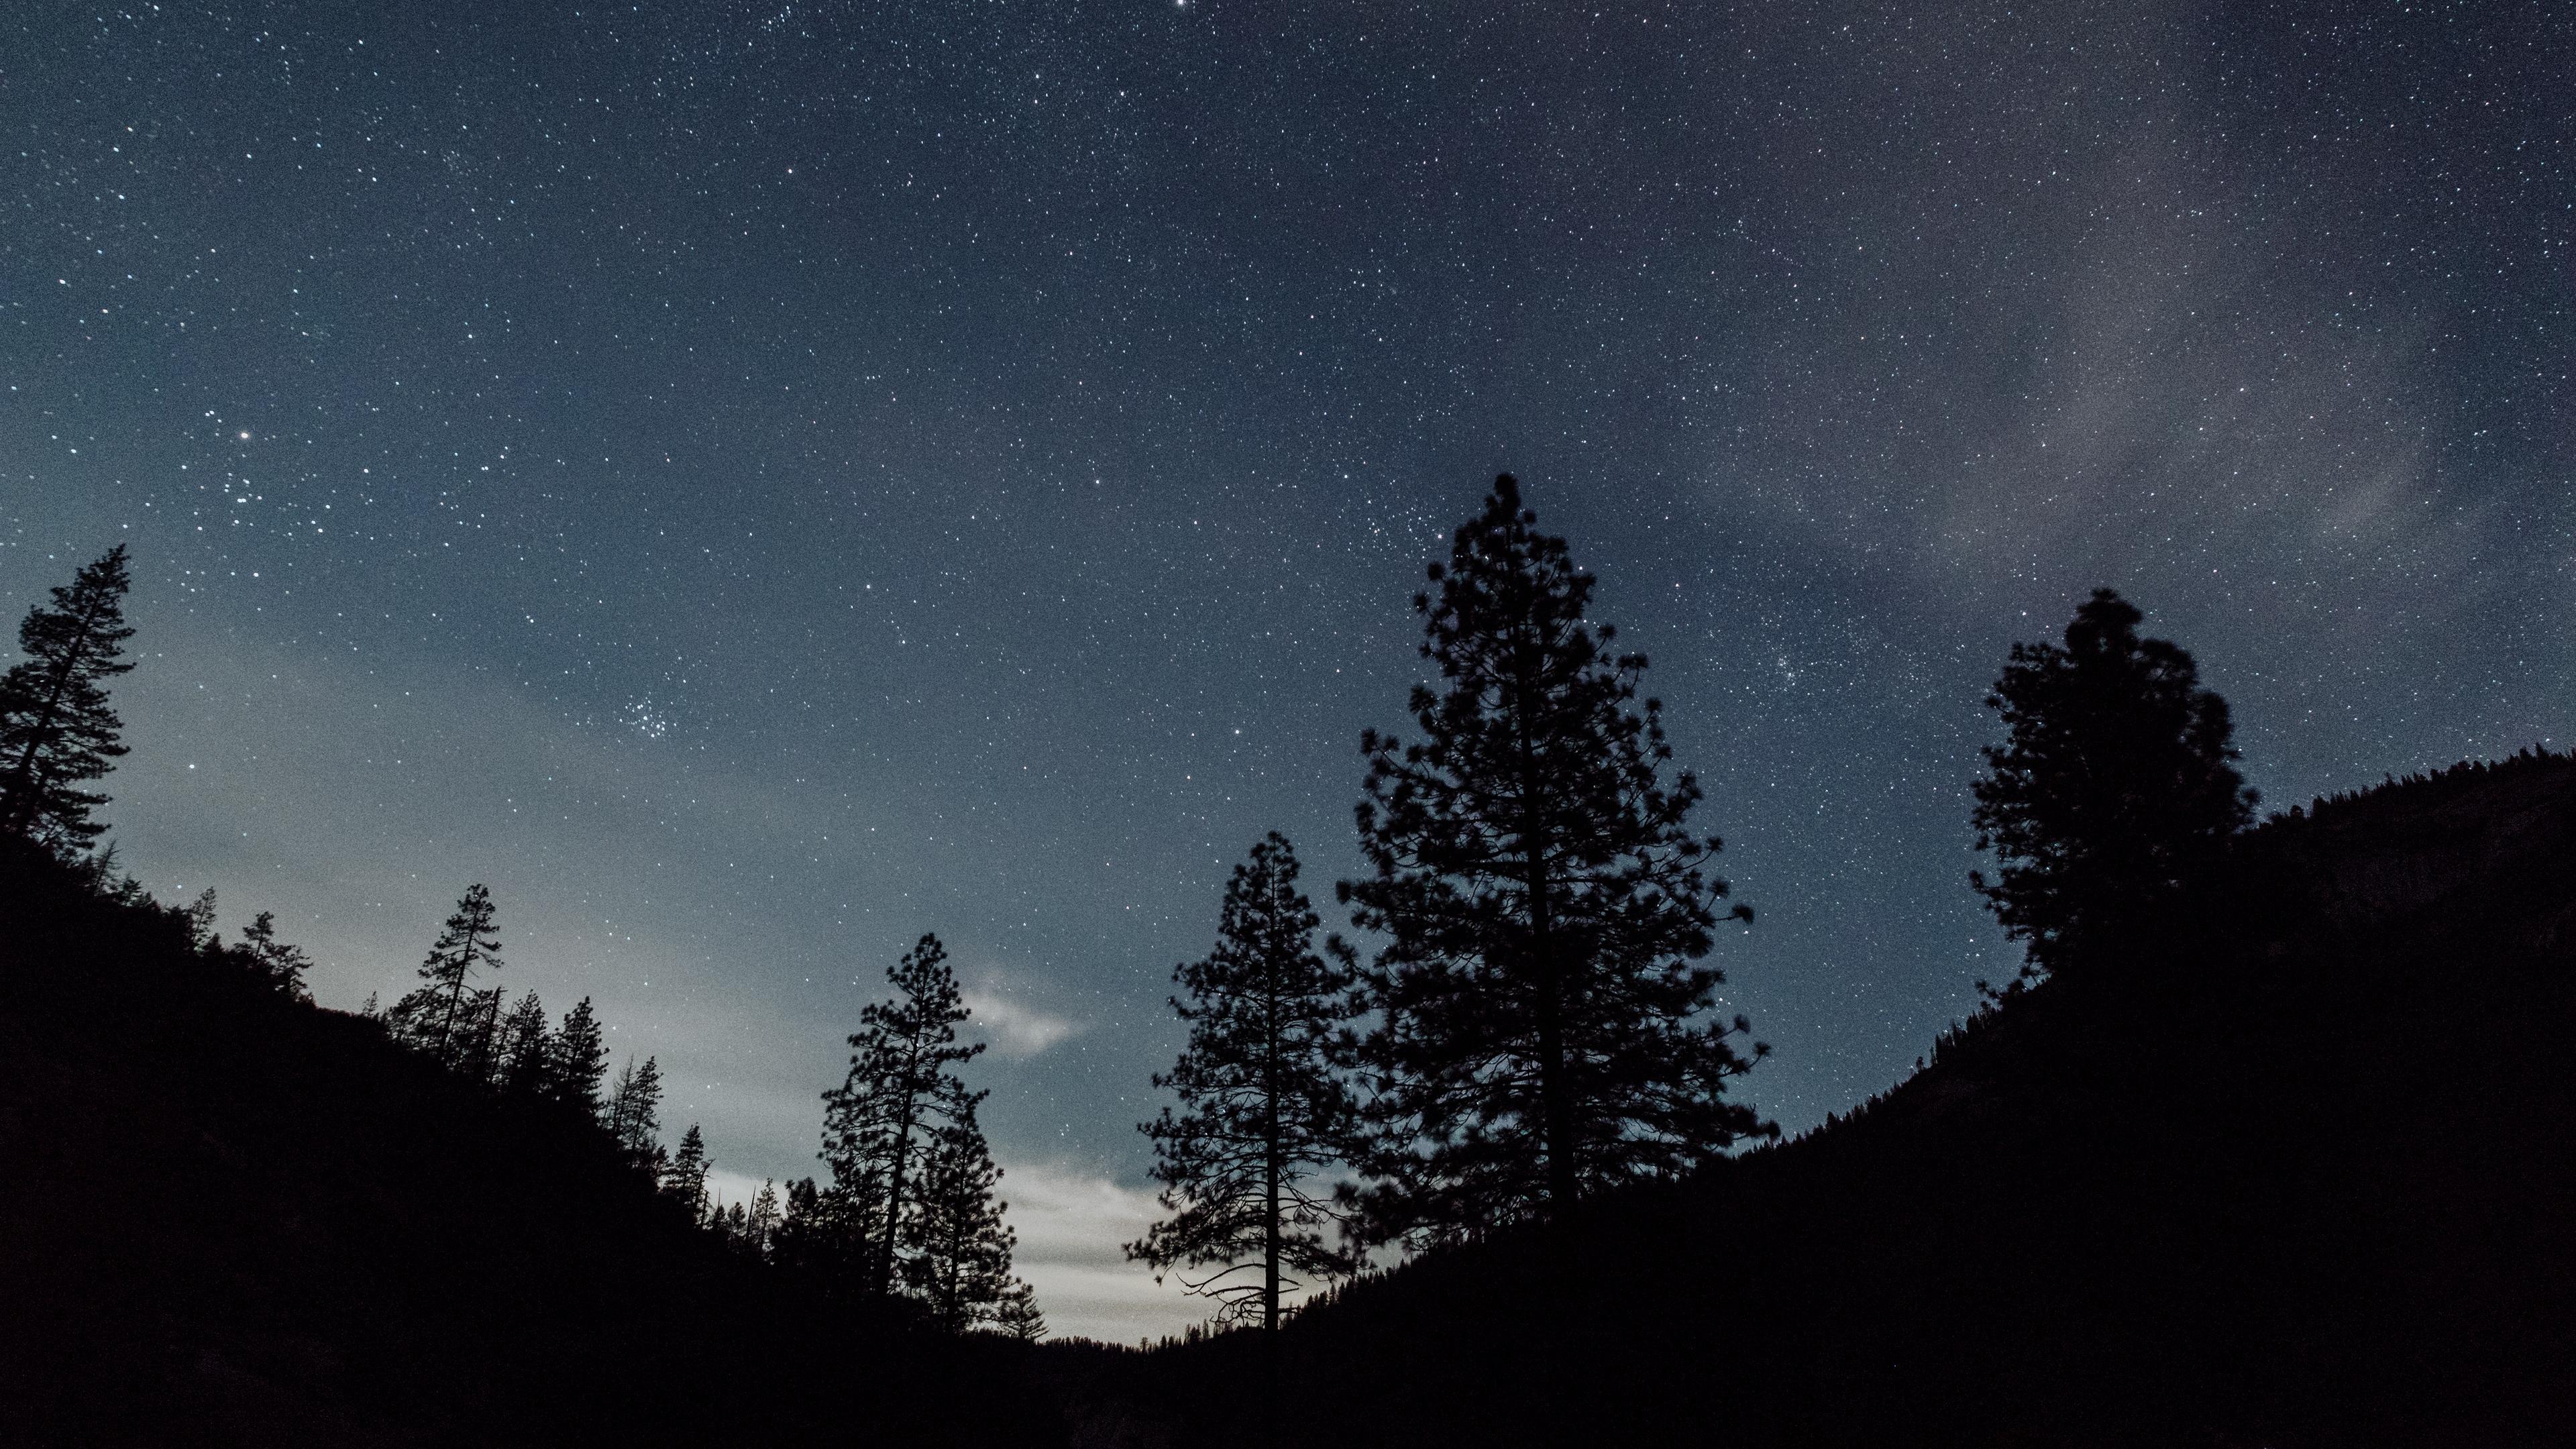 starry sky night trees landscape 4k 1540574908 - starry sky, night, trees, landscape 4k - Trees, starry sky, Night